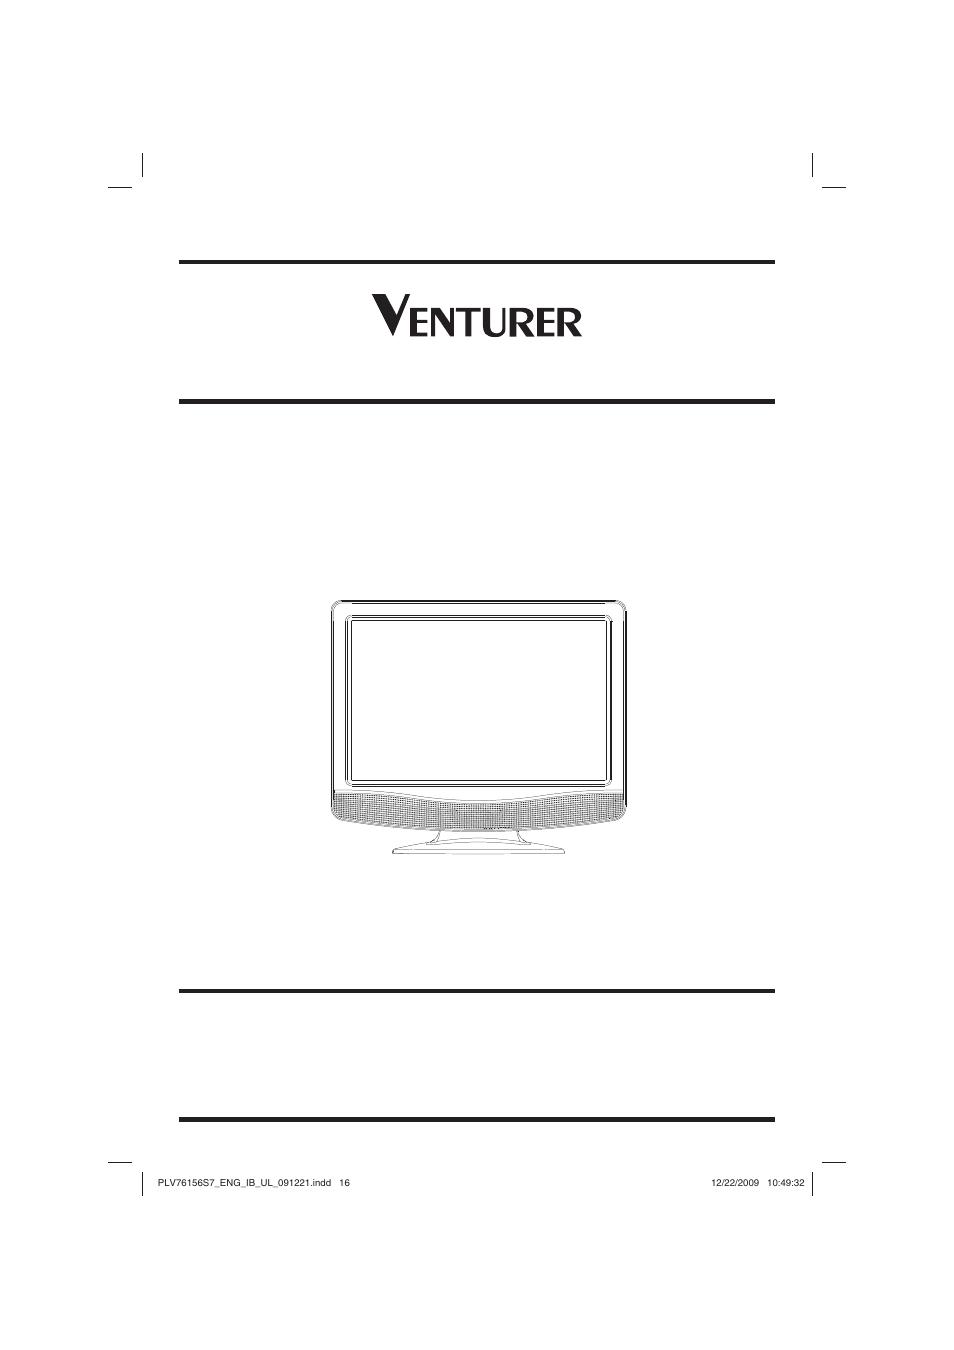 venturer 15 lcd tv plv7615h user manual 16 pages rh manualsdir com venturer tv dvd combo manual venturer under cabinet tv manual